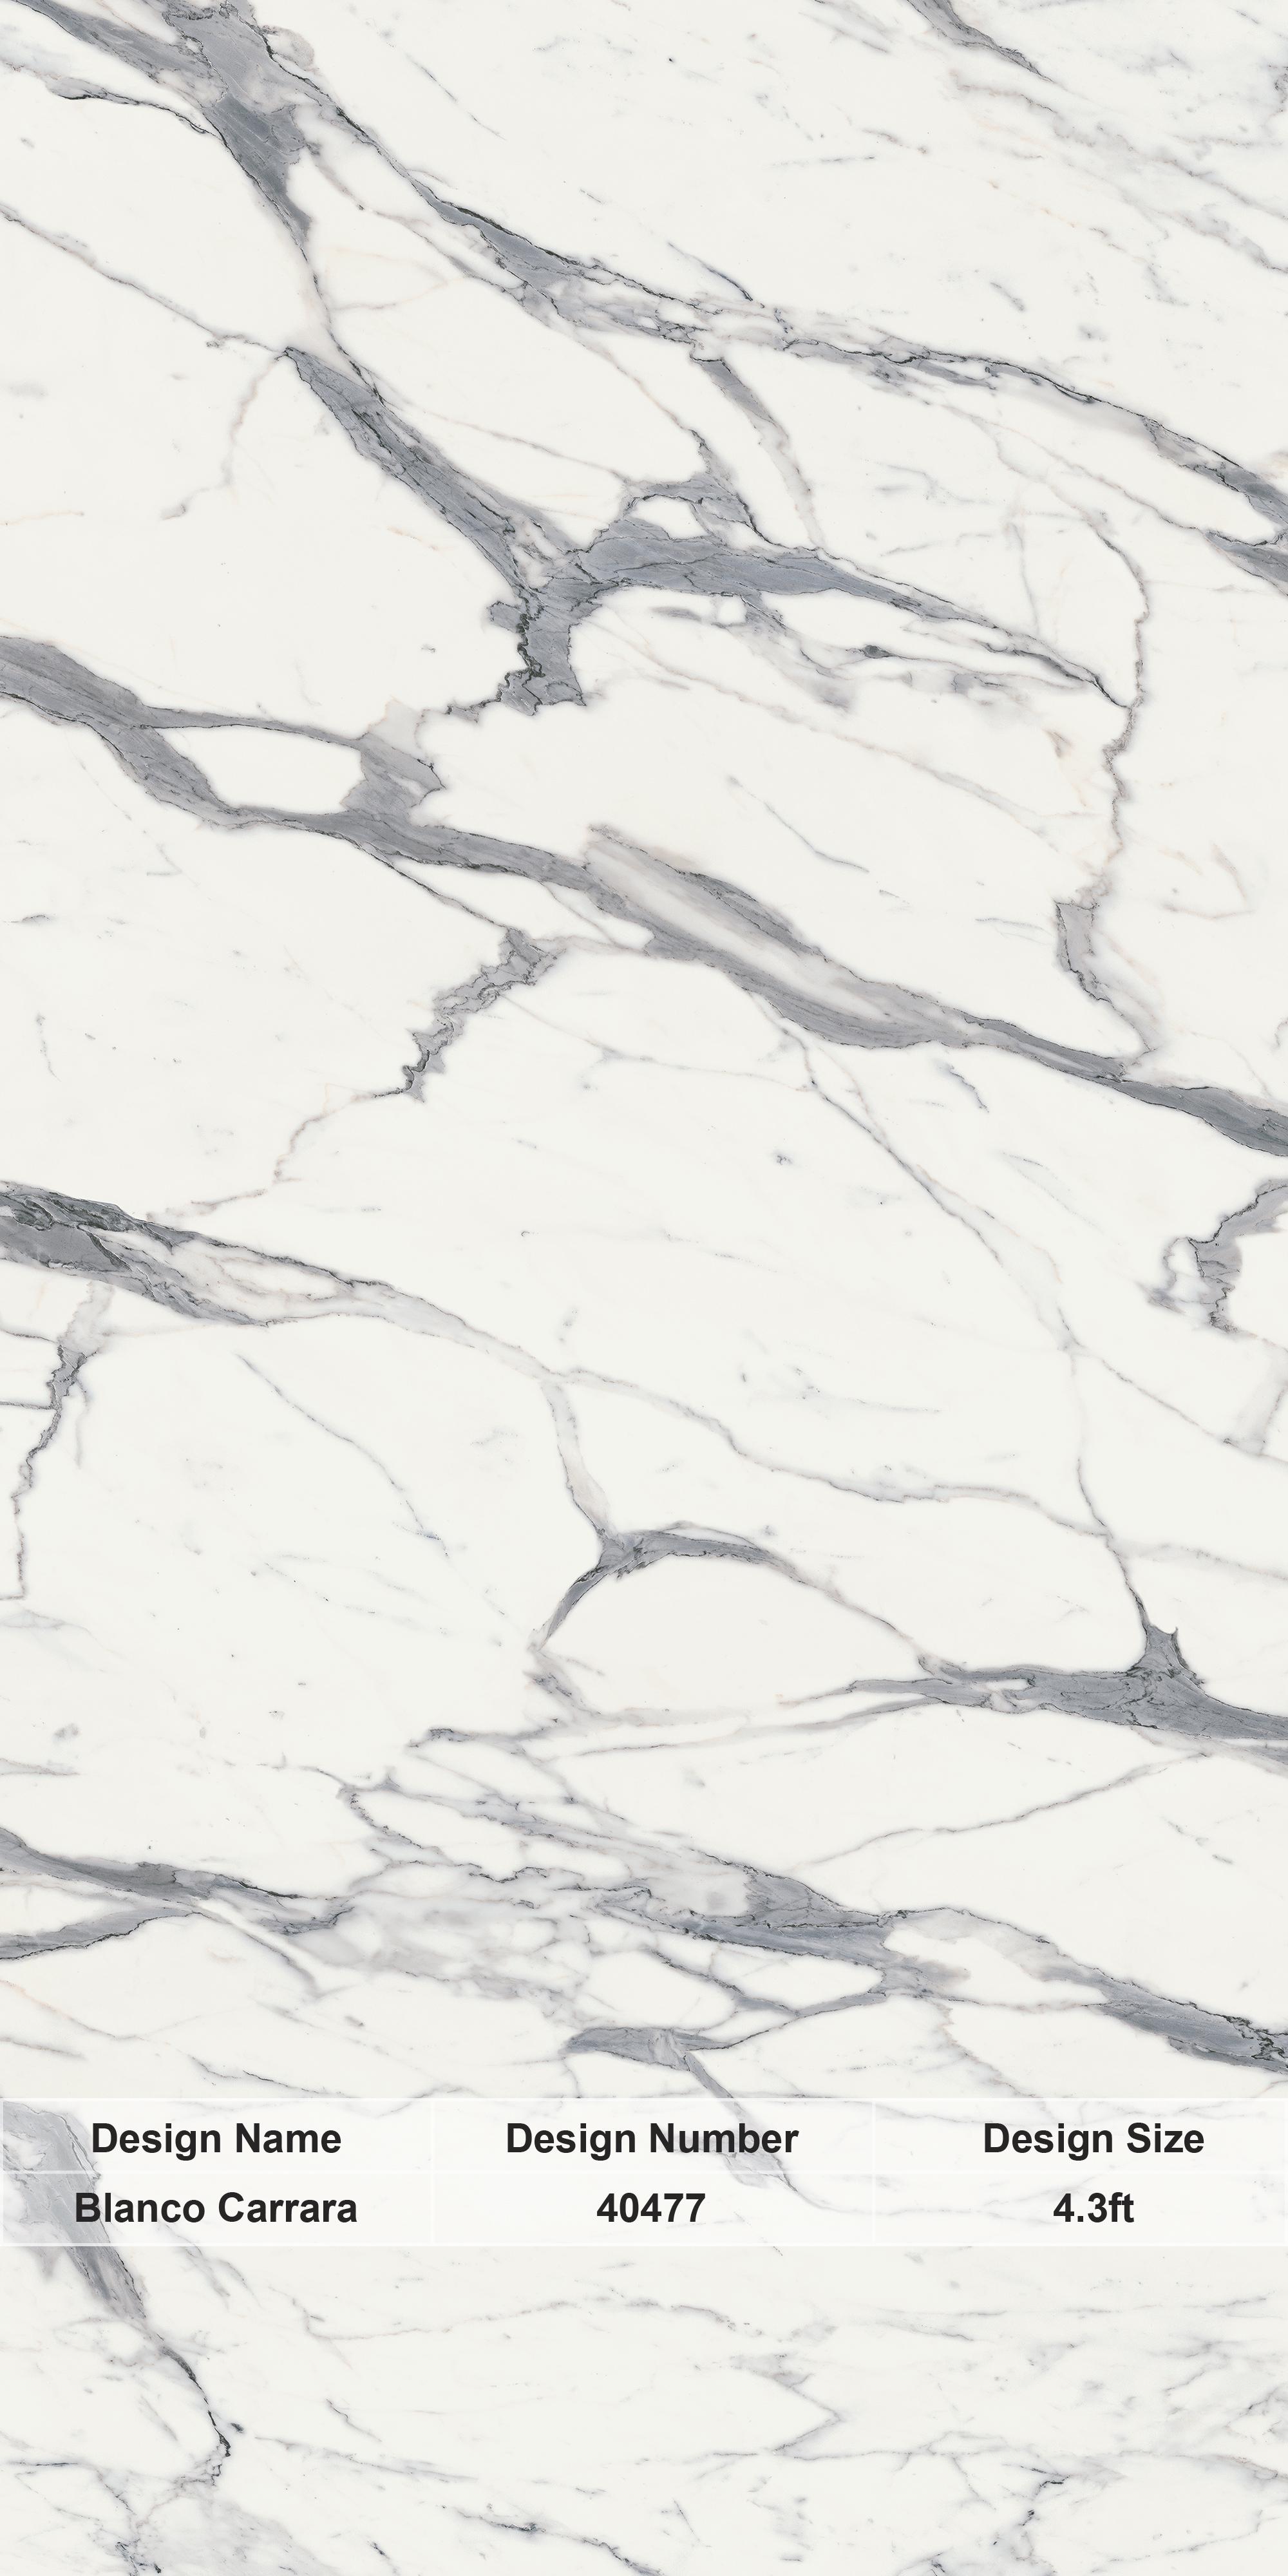 40477 Blanco Carrara